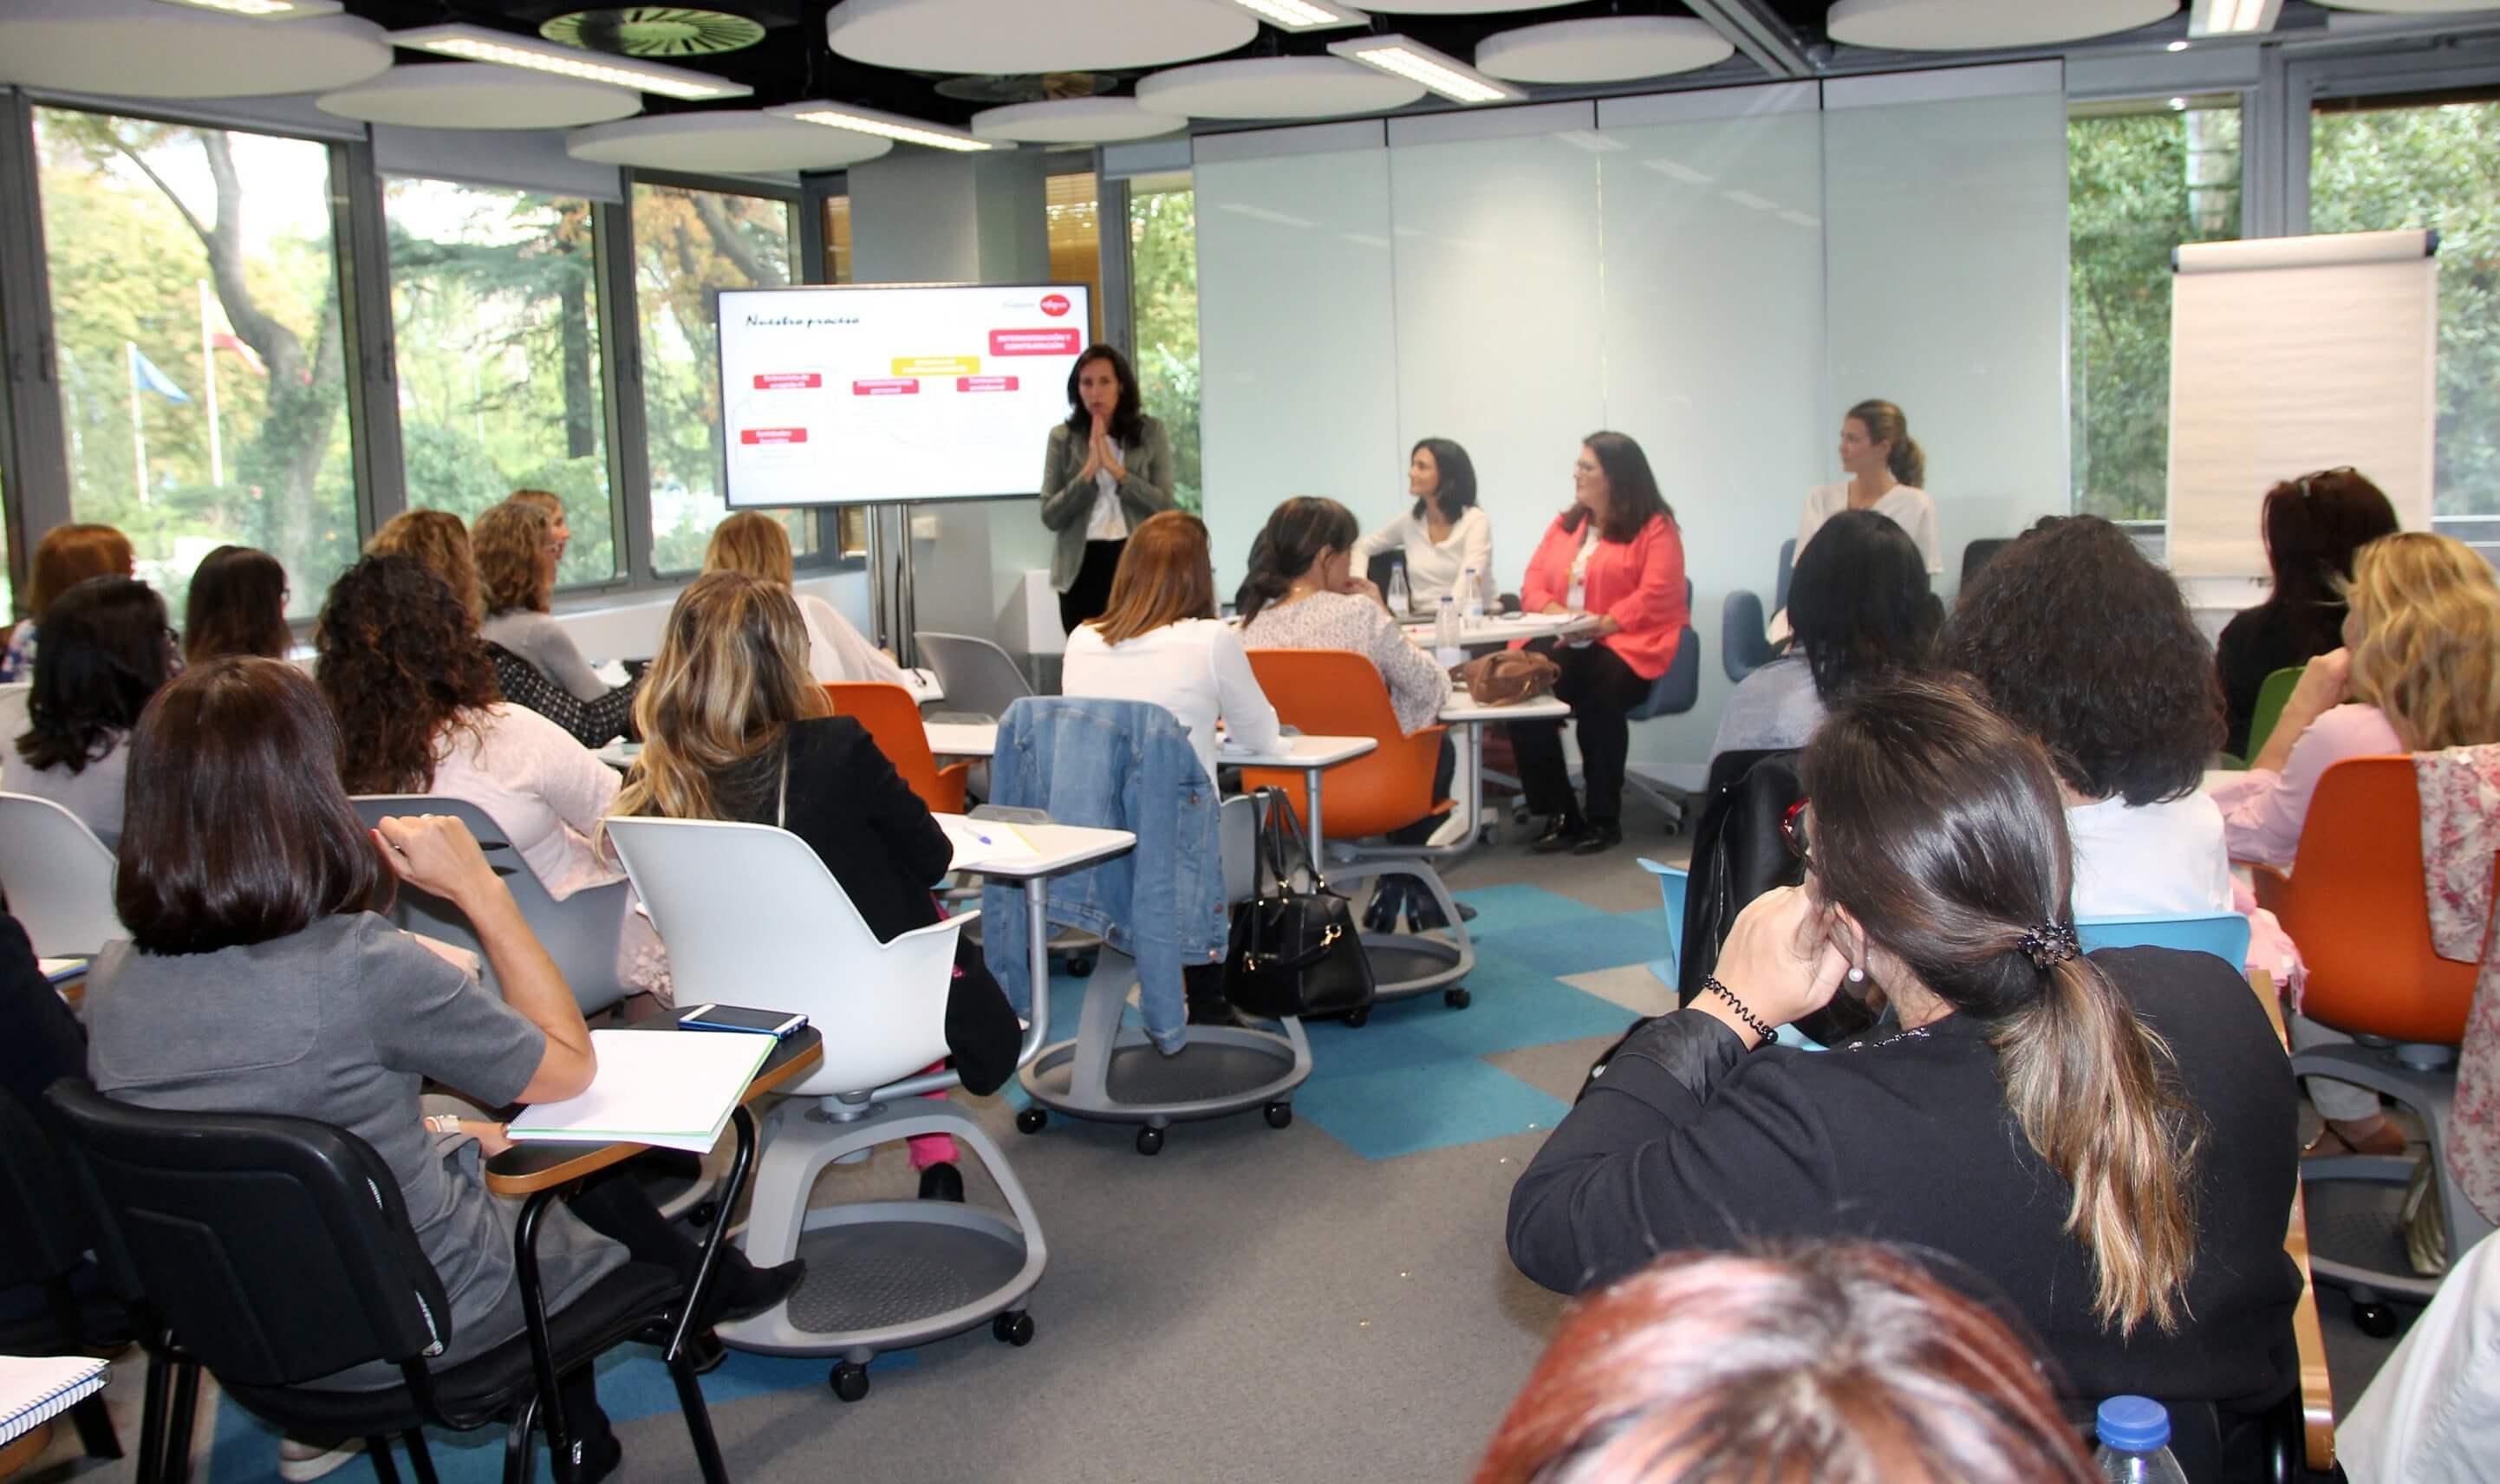 jornada de sensibilización y formación que Fundación Integra impartió a las empleadas de Mutua Madrileña.